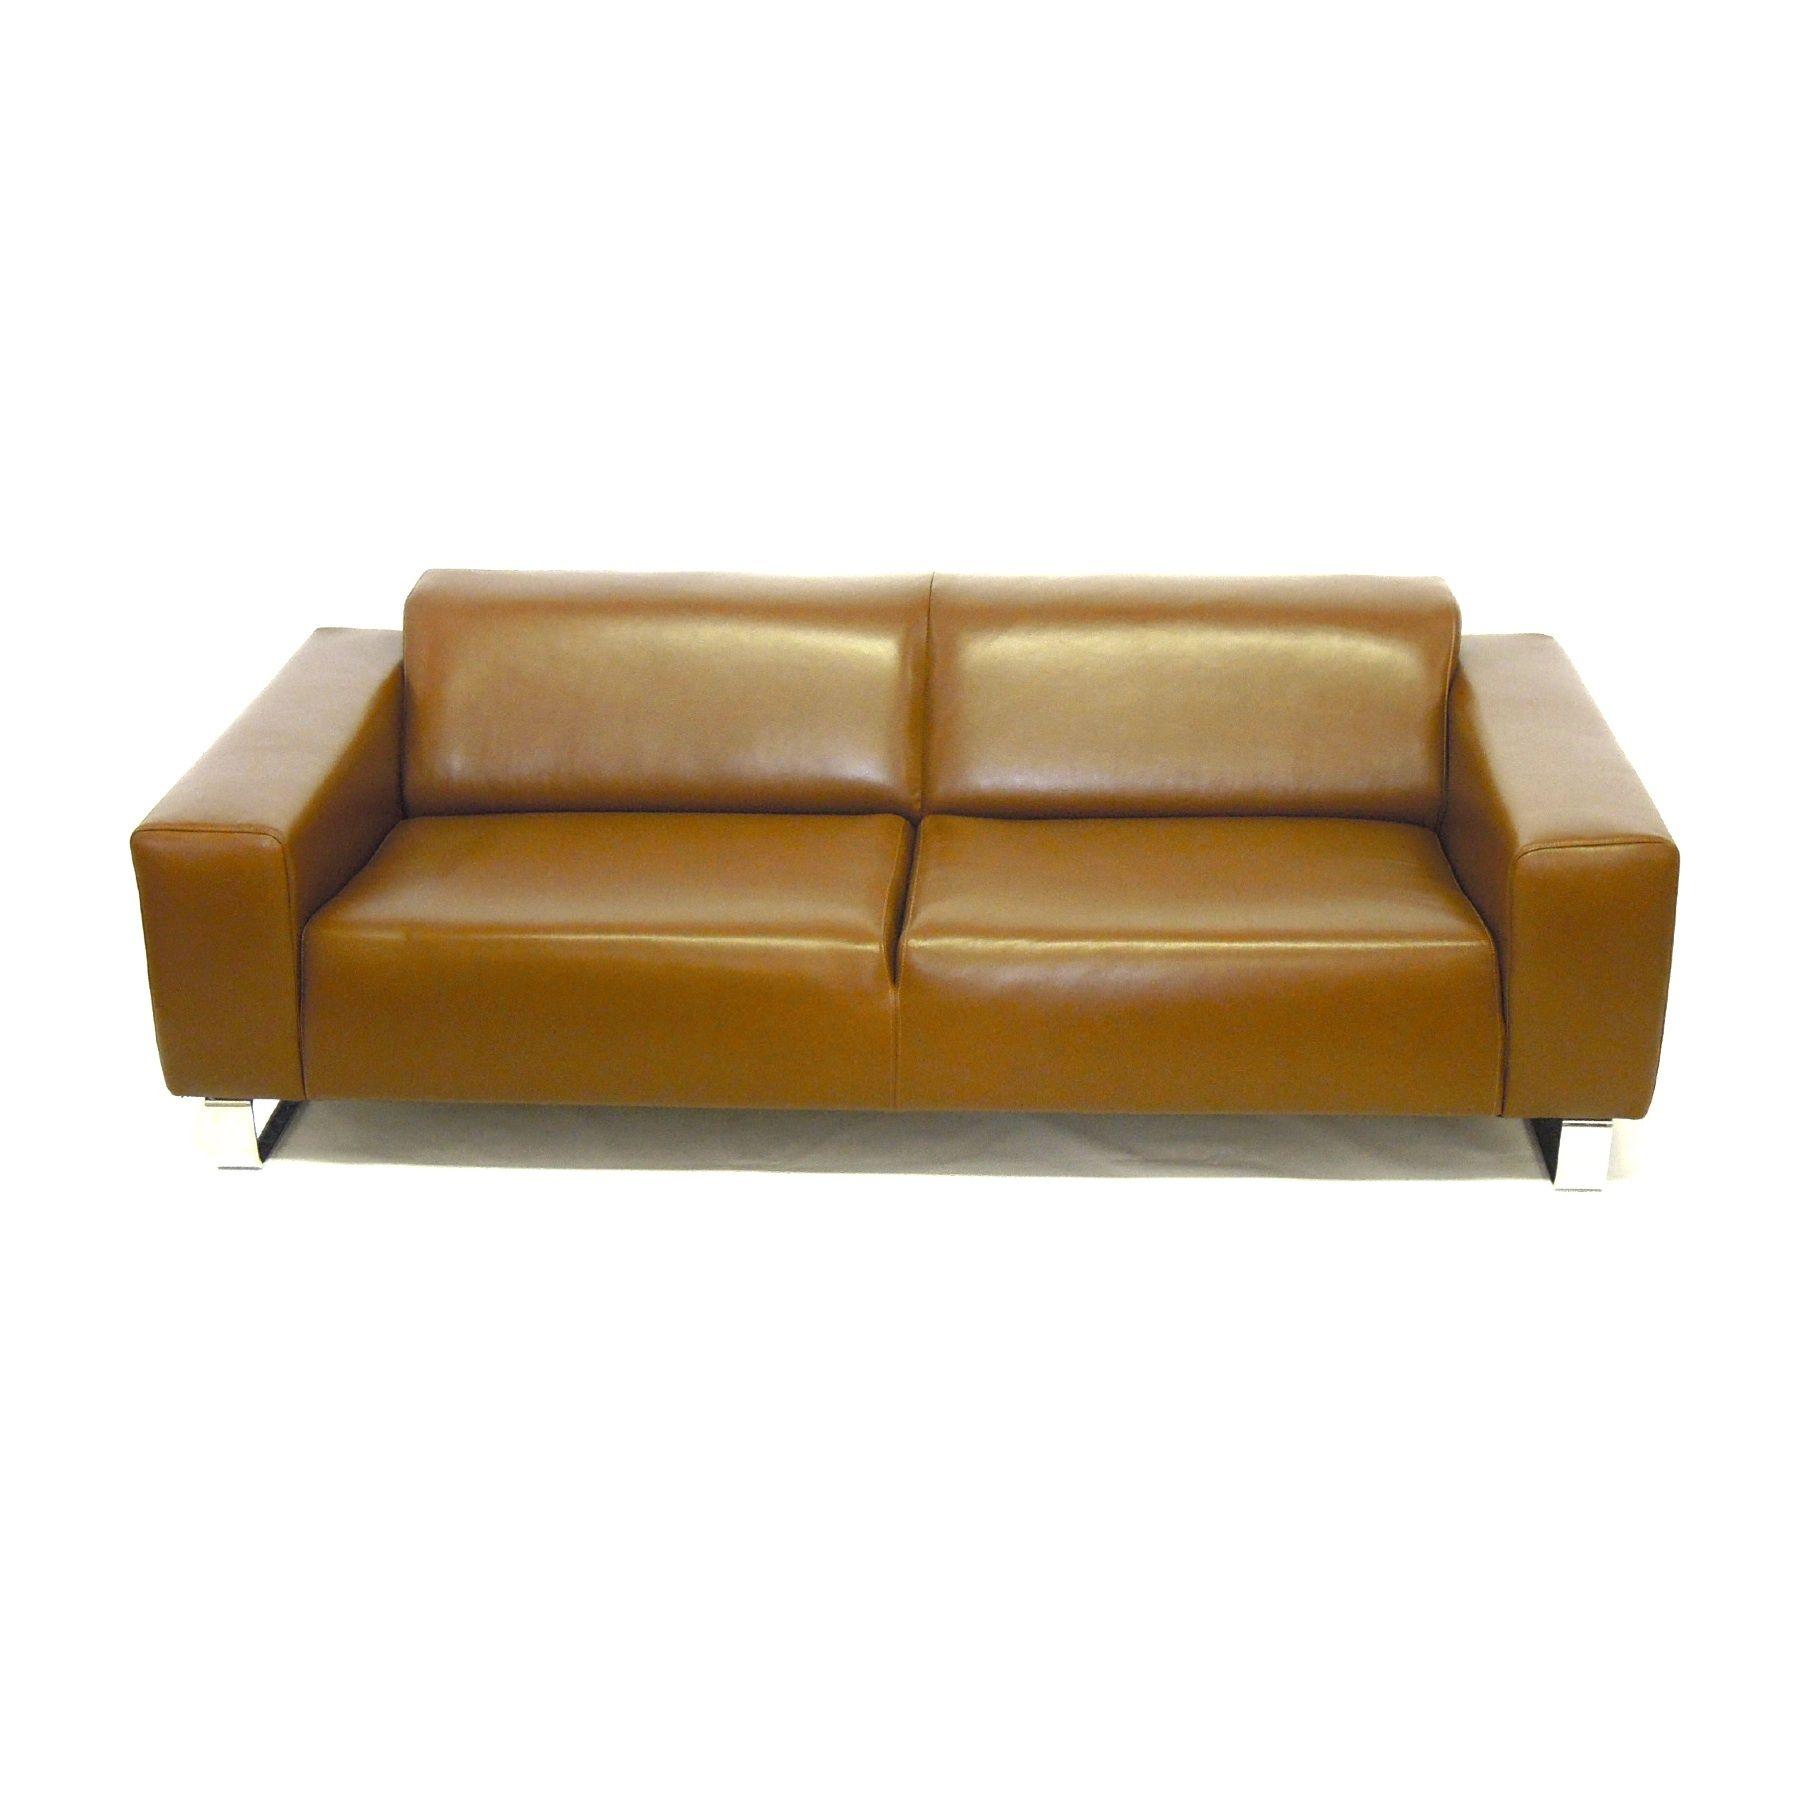 La Rana Furniture Bedroom Rana Furniture Living Room Trend Home Design And Decor Top